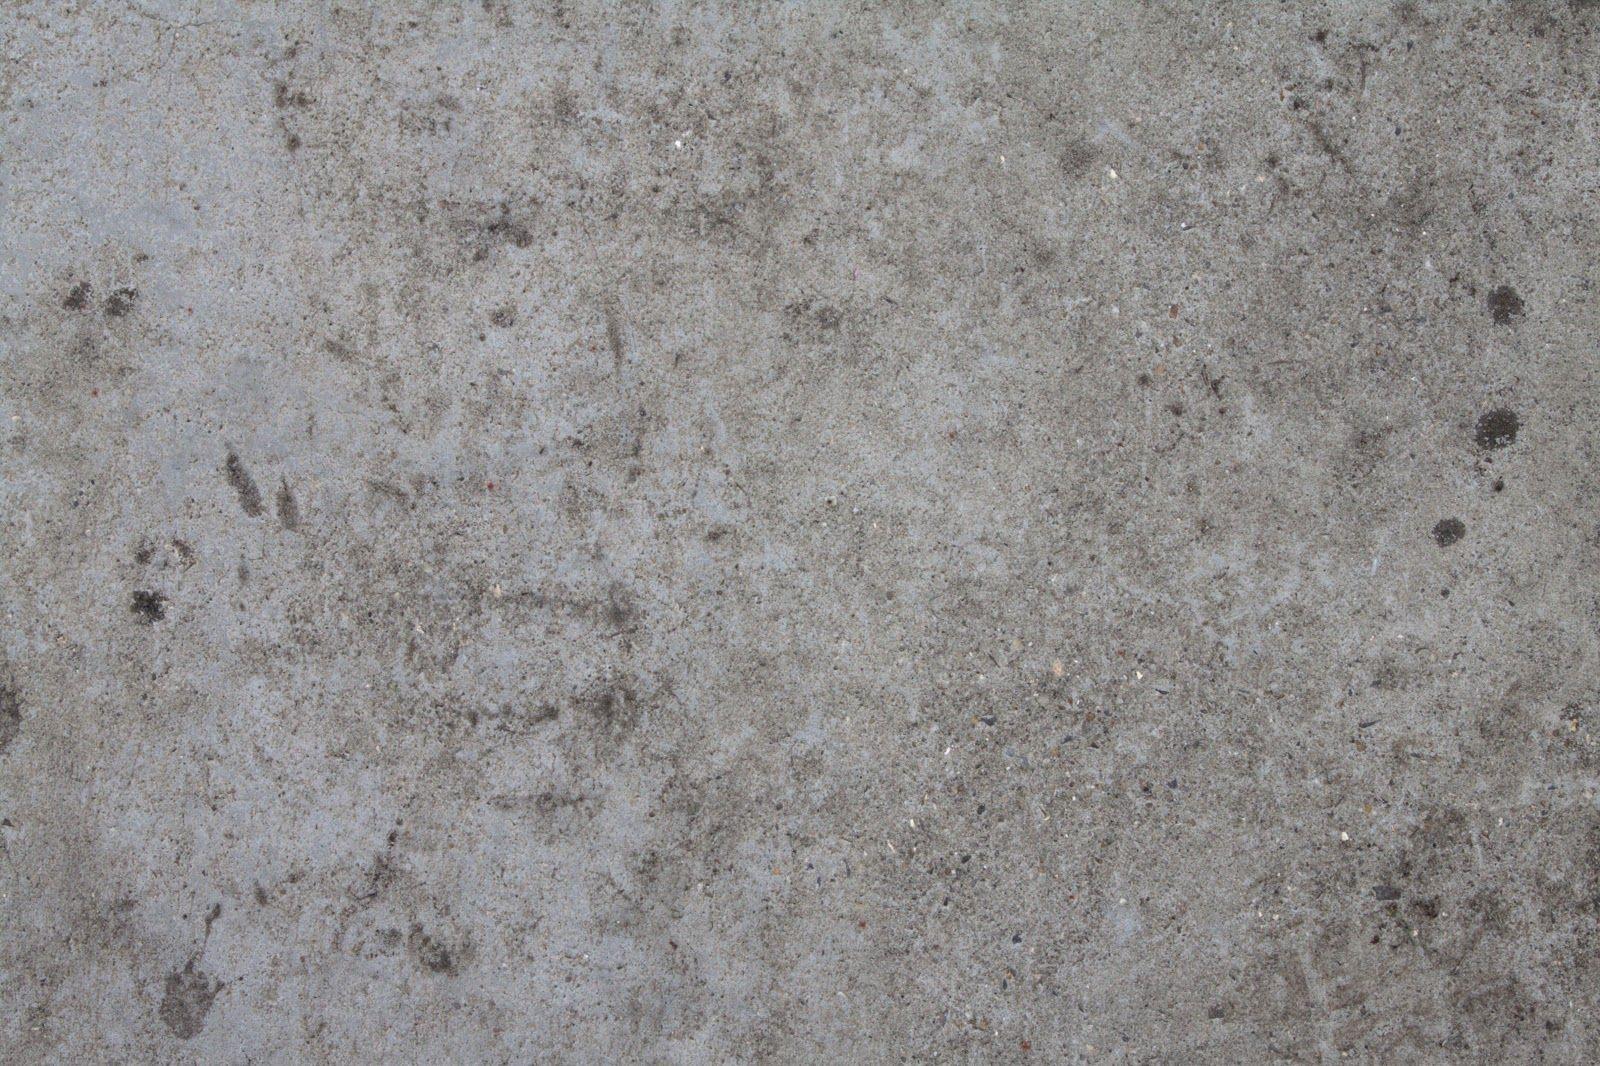 Concrete Wall Smooth Pillar Texture Ver 2 Concrete Texture Concrete Concrete Wall